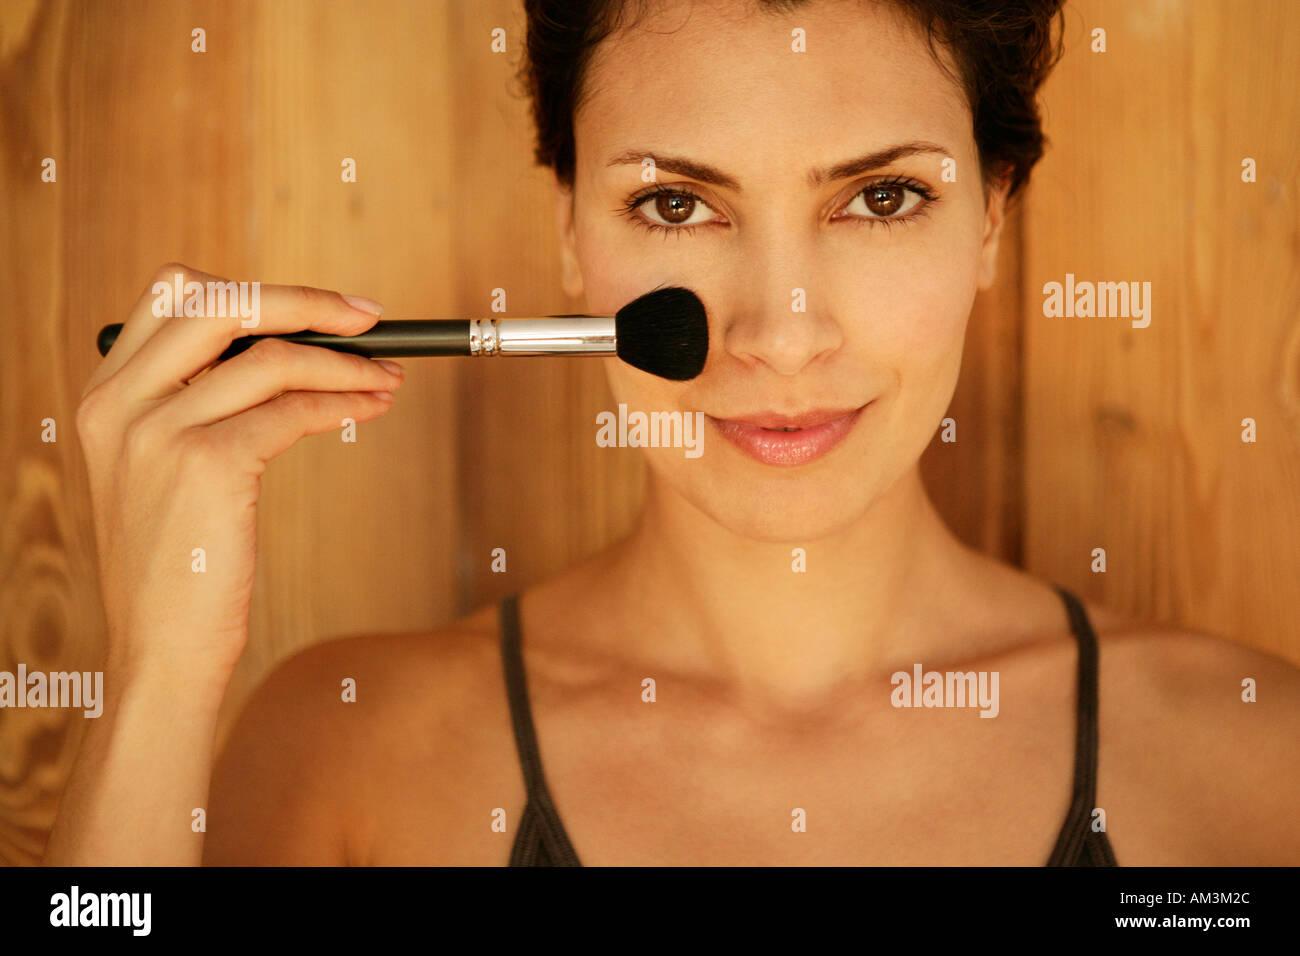 Frau, die Anwendung von Make-up Stockbild